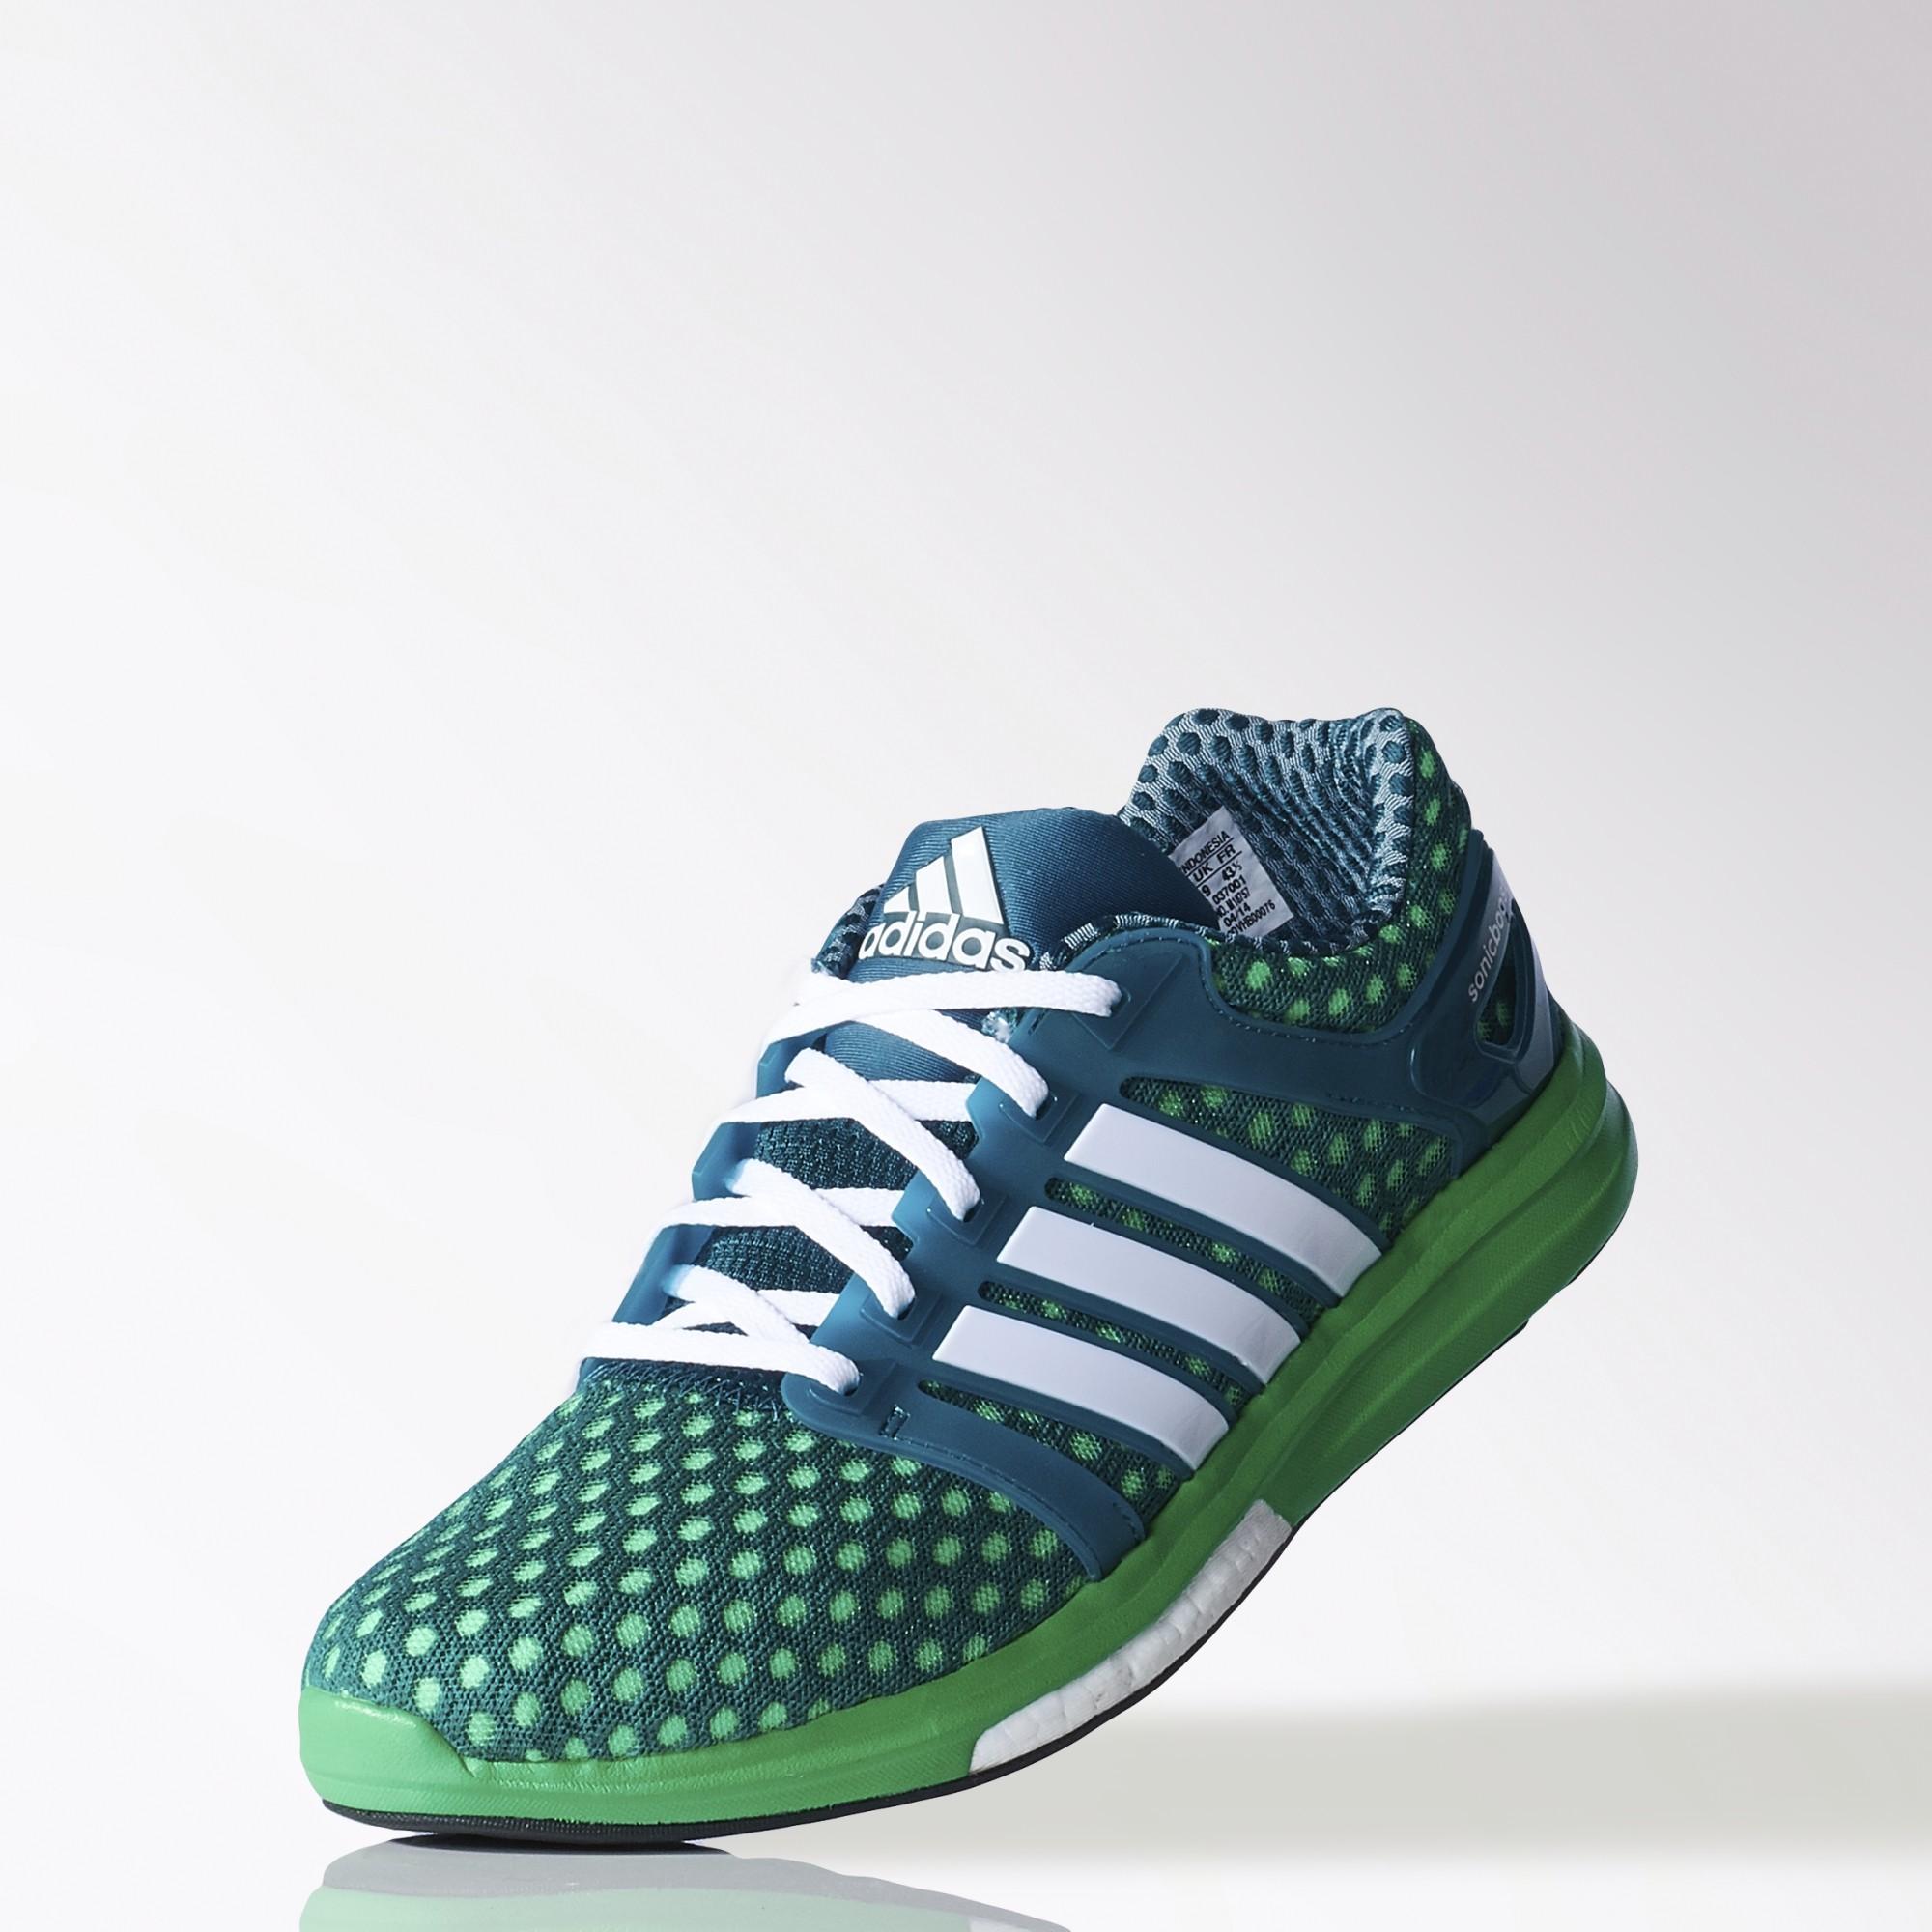 c8773c501fa ... canada jual sepatu running obral adidas sonic boost m green original  gibol sejati tokopedia ee6ae 463f8 ...